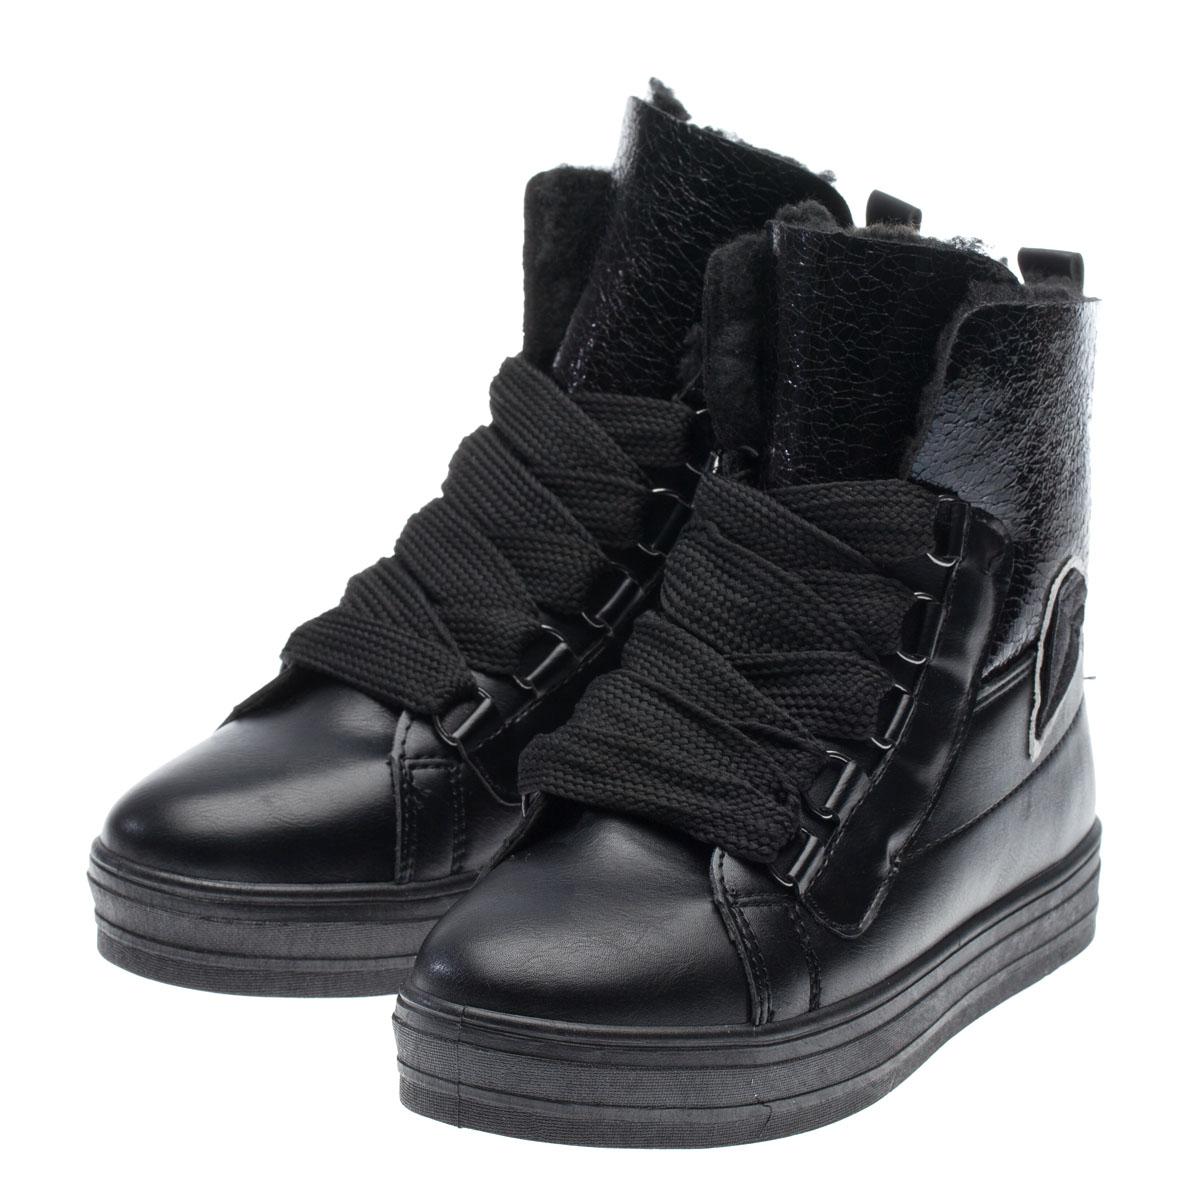 Ботинки демисезонные FERTO, N1805 демисезонные ботинки old beijing cloth shoes 156